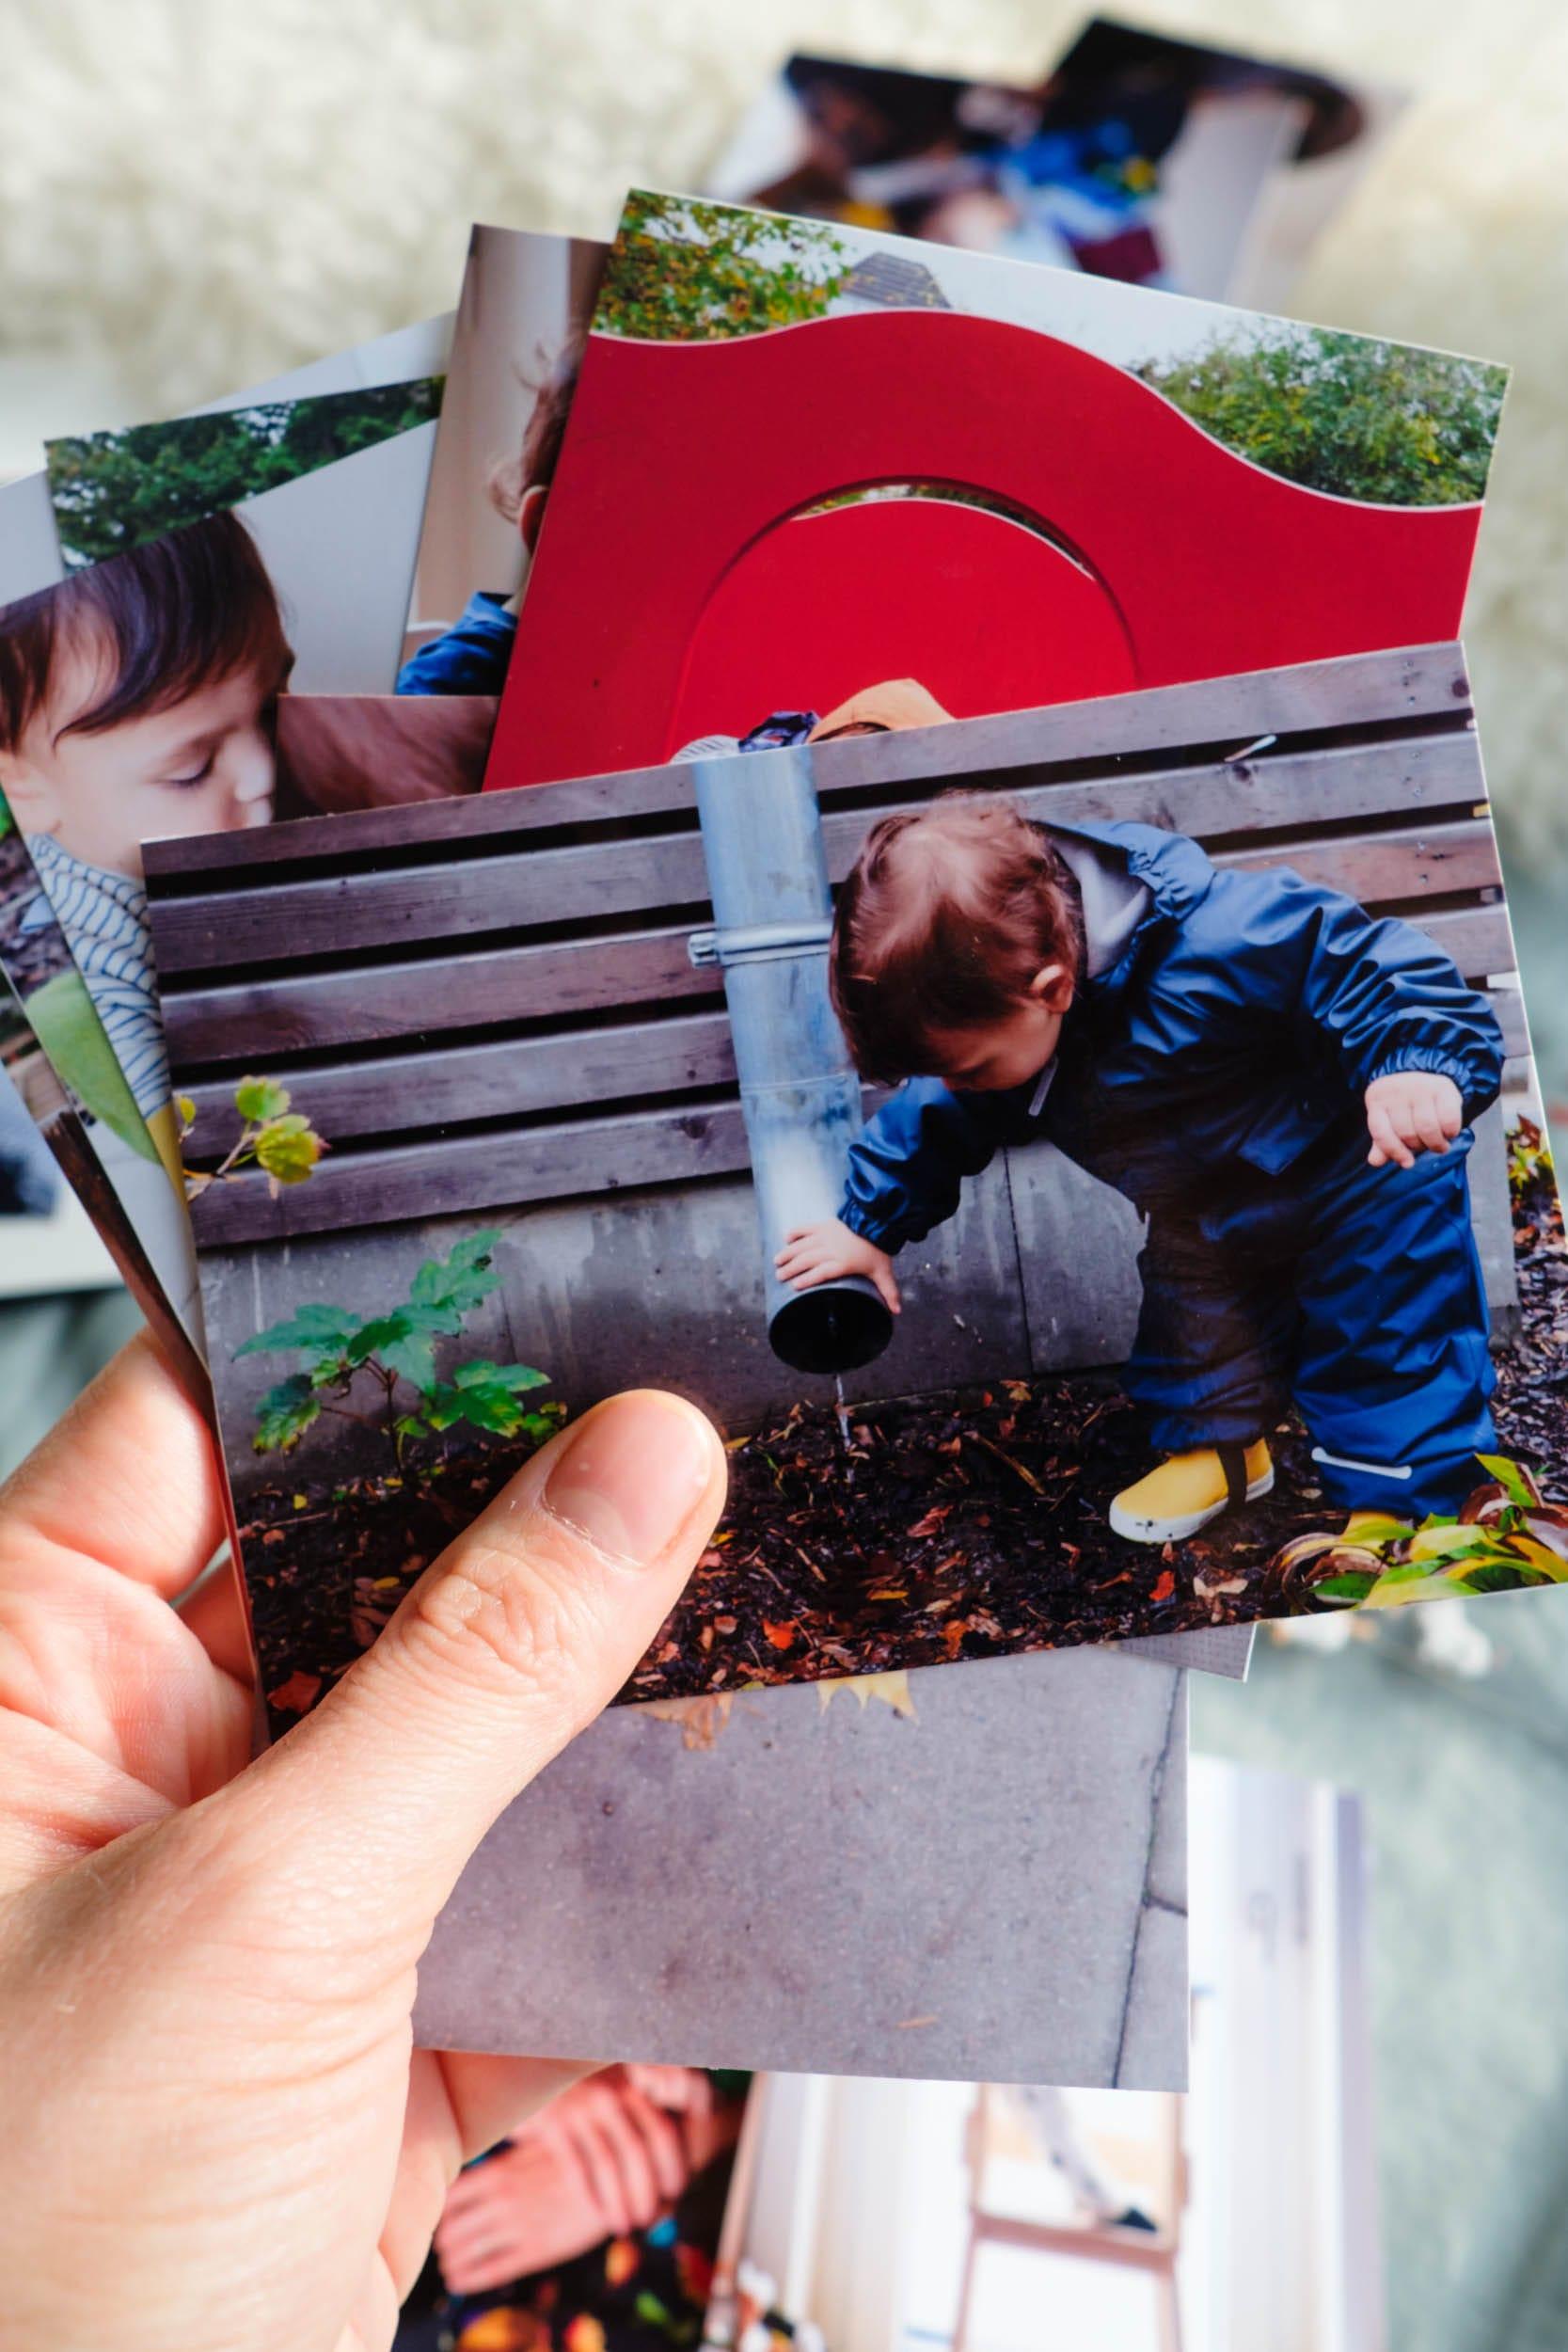 Die kleinen Dinge in unserem Familienalltag | Rituale im Familienalltag | Ausdruck des Lebens | Kindheit | ivy.li